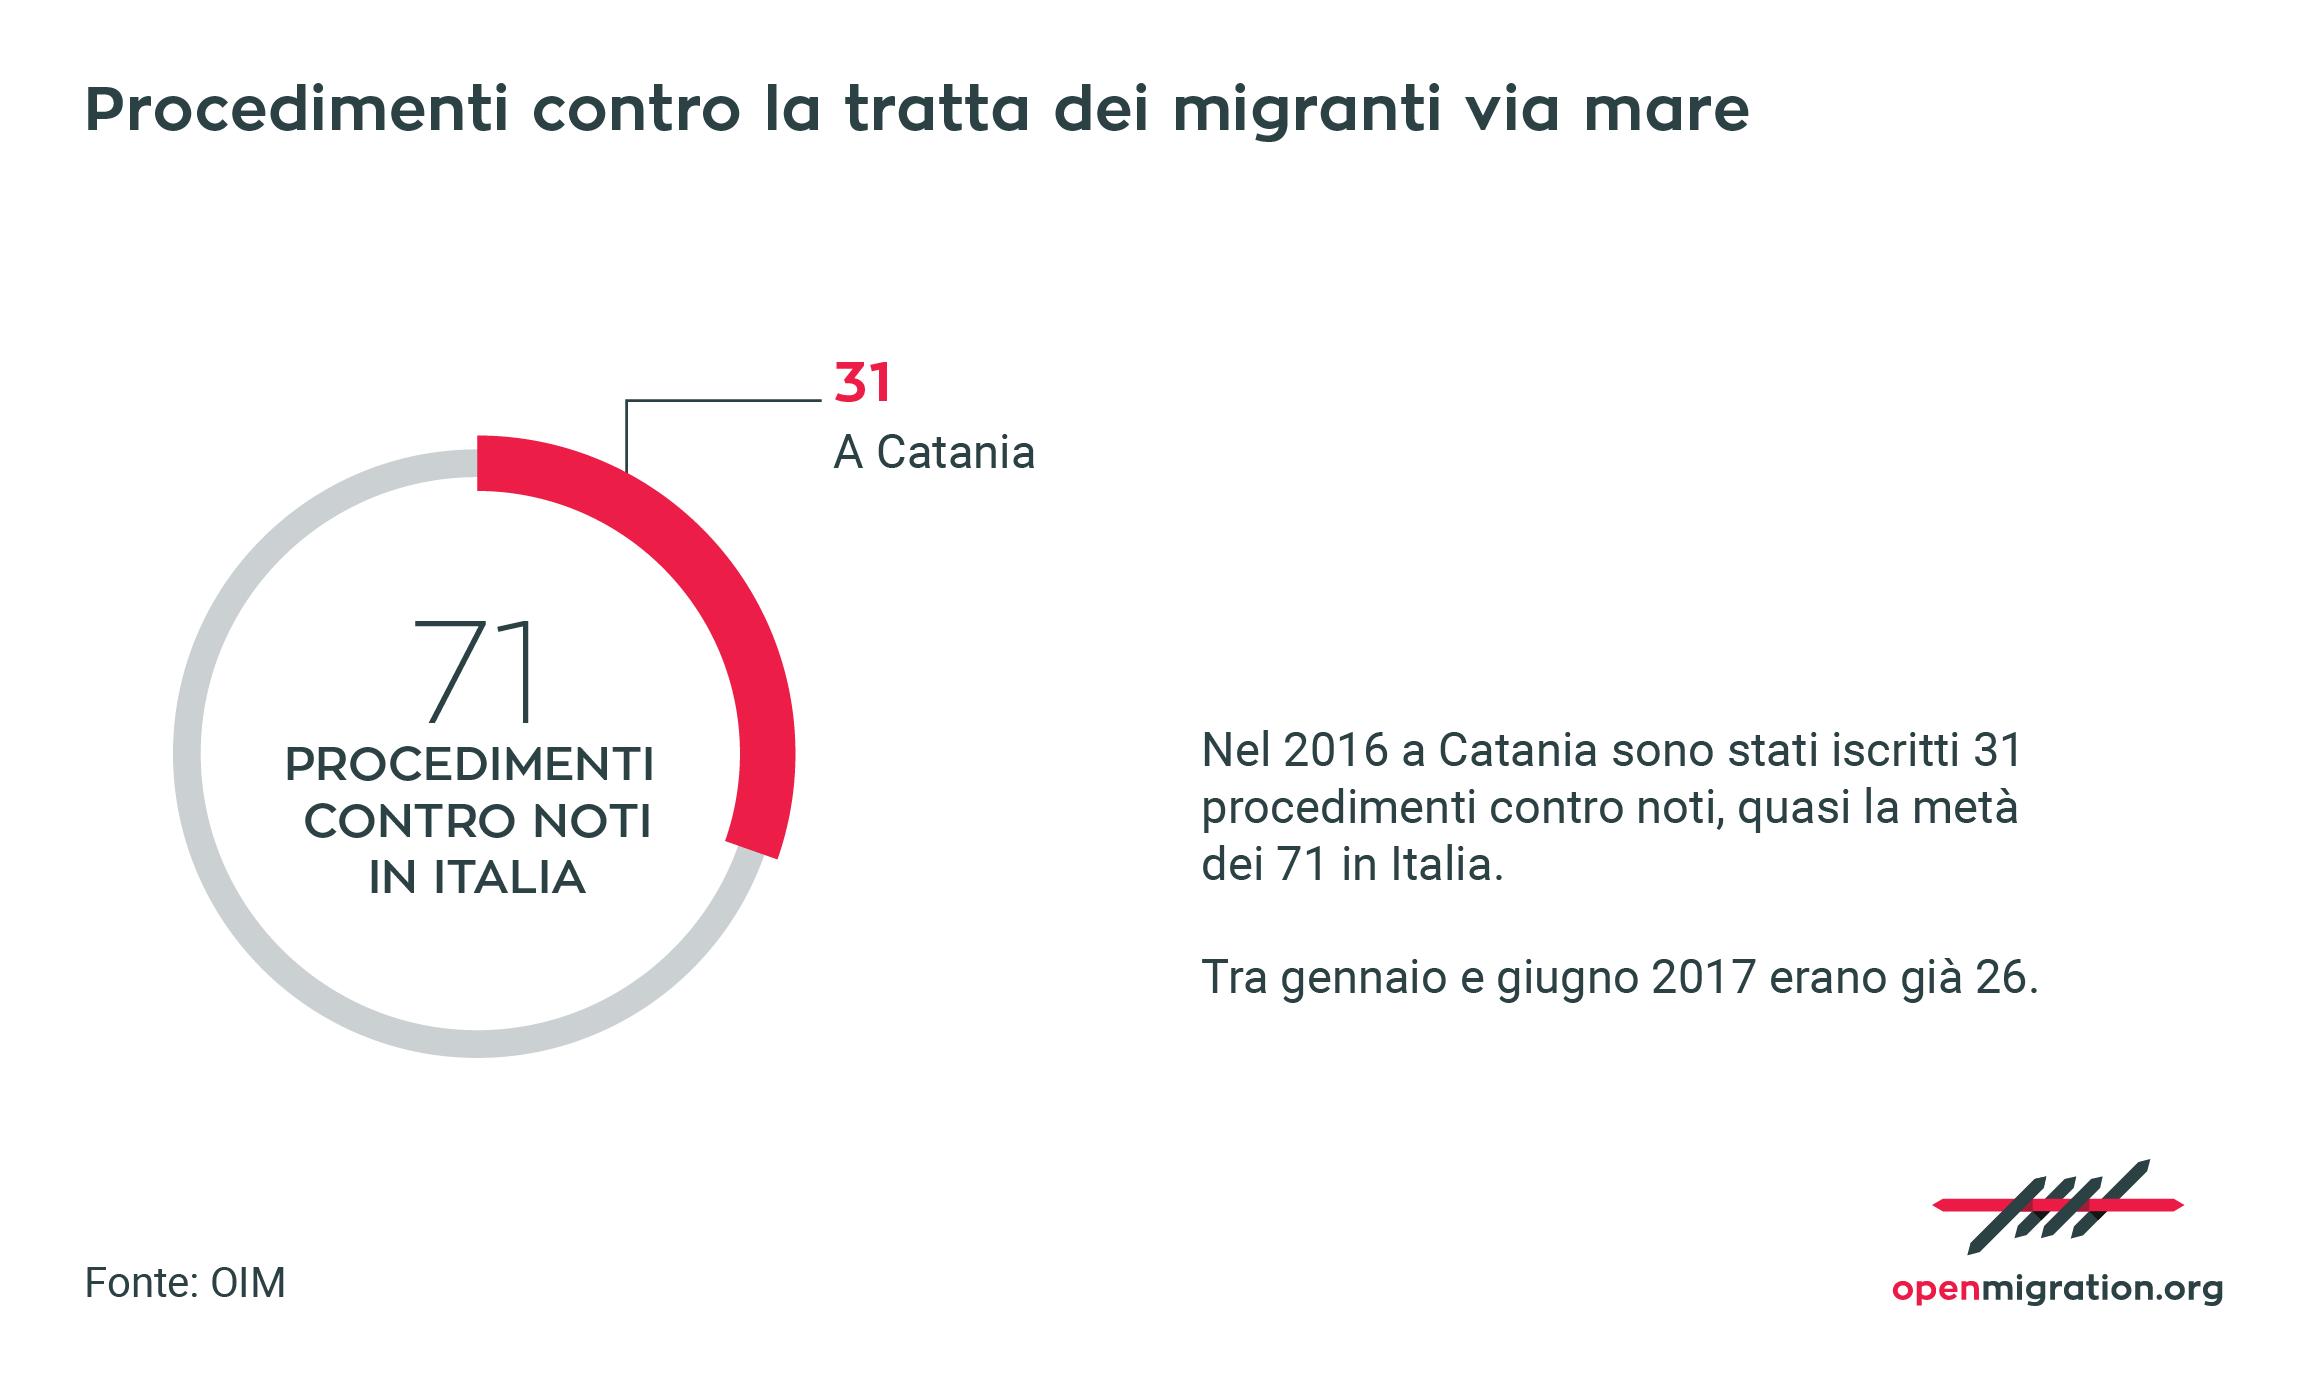 Procedimenti contro la tratta dei migranti via mare